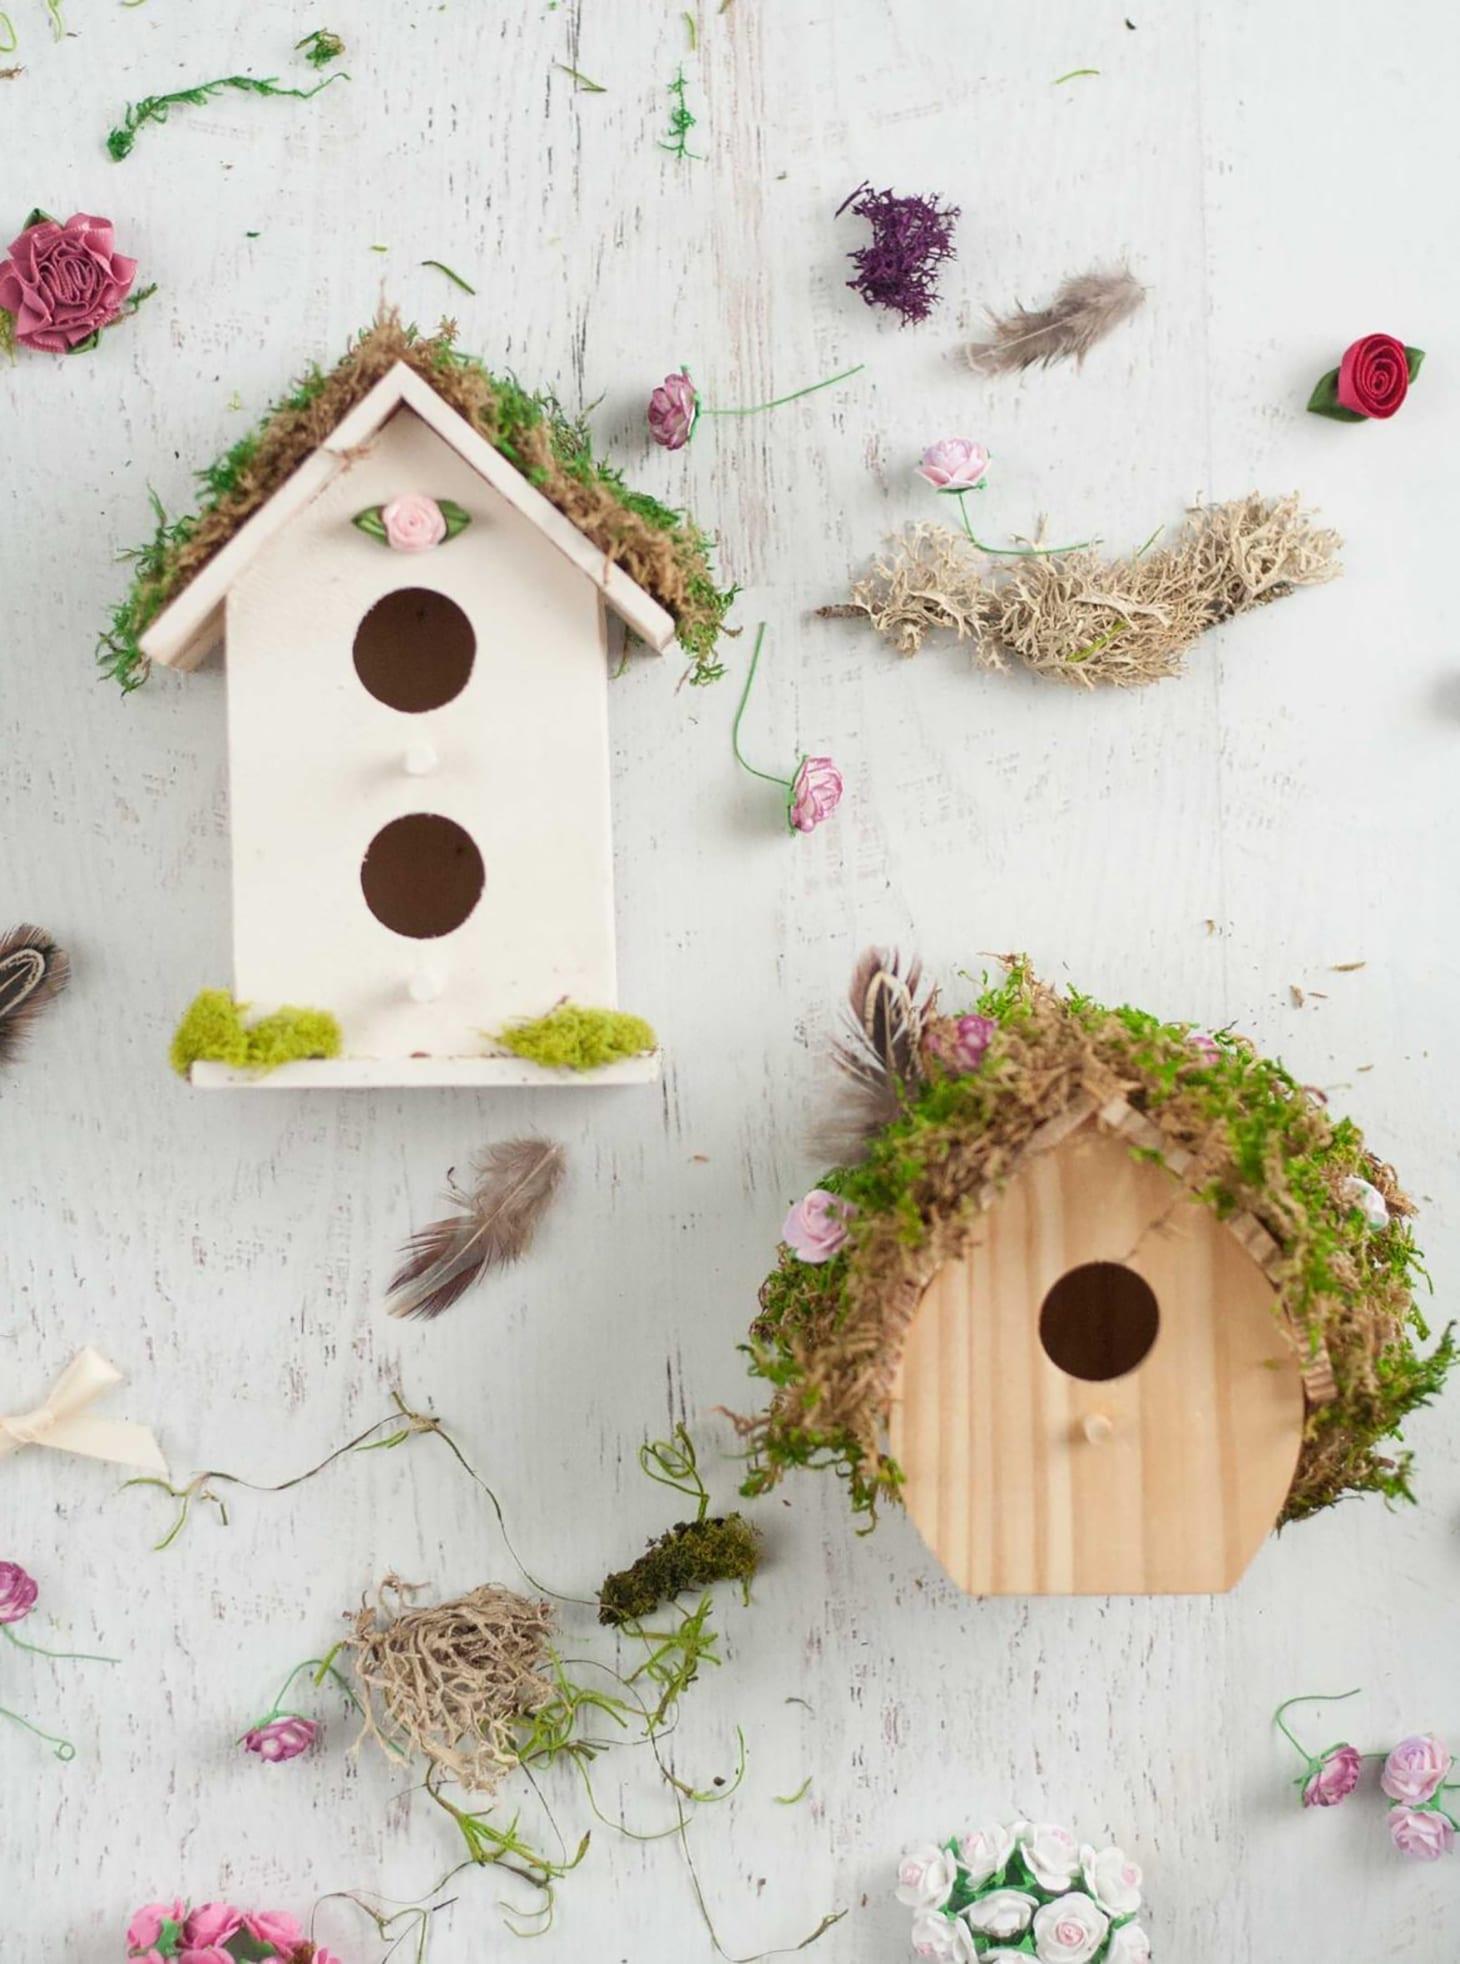 DIY Fairy Houses